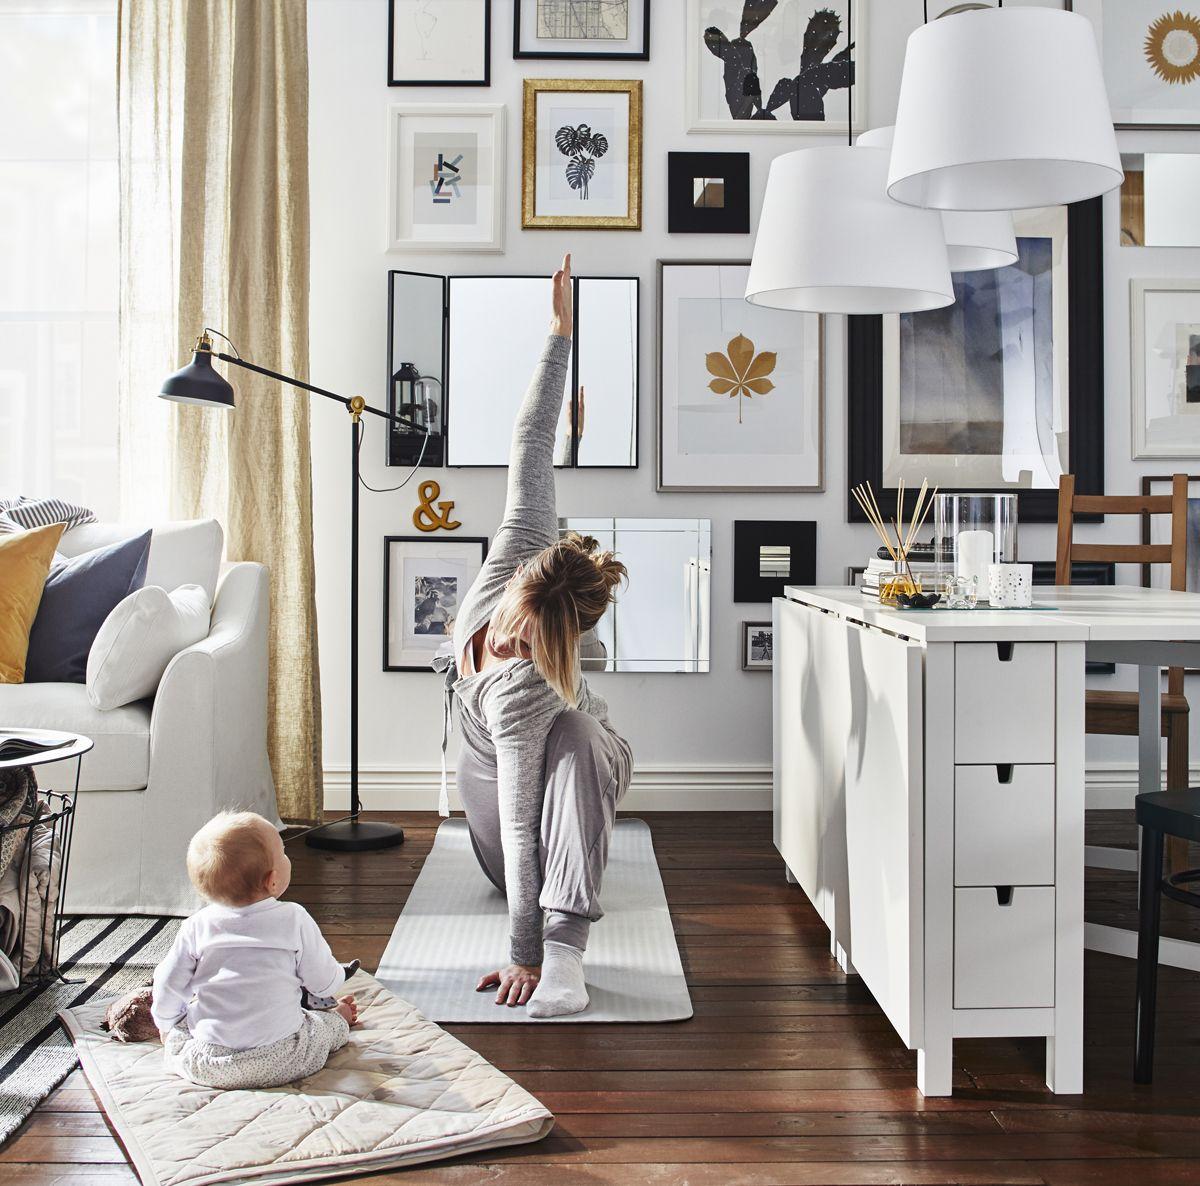 13 idee per la casa da copiare sfogliando il nuovo catalogo Ikea ...